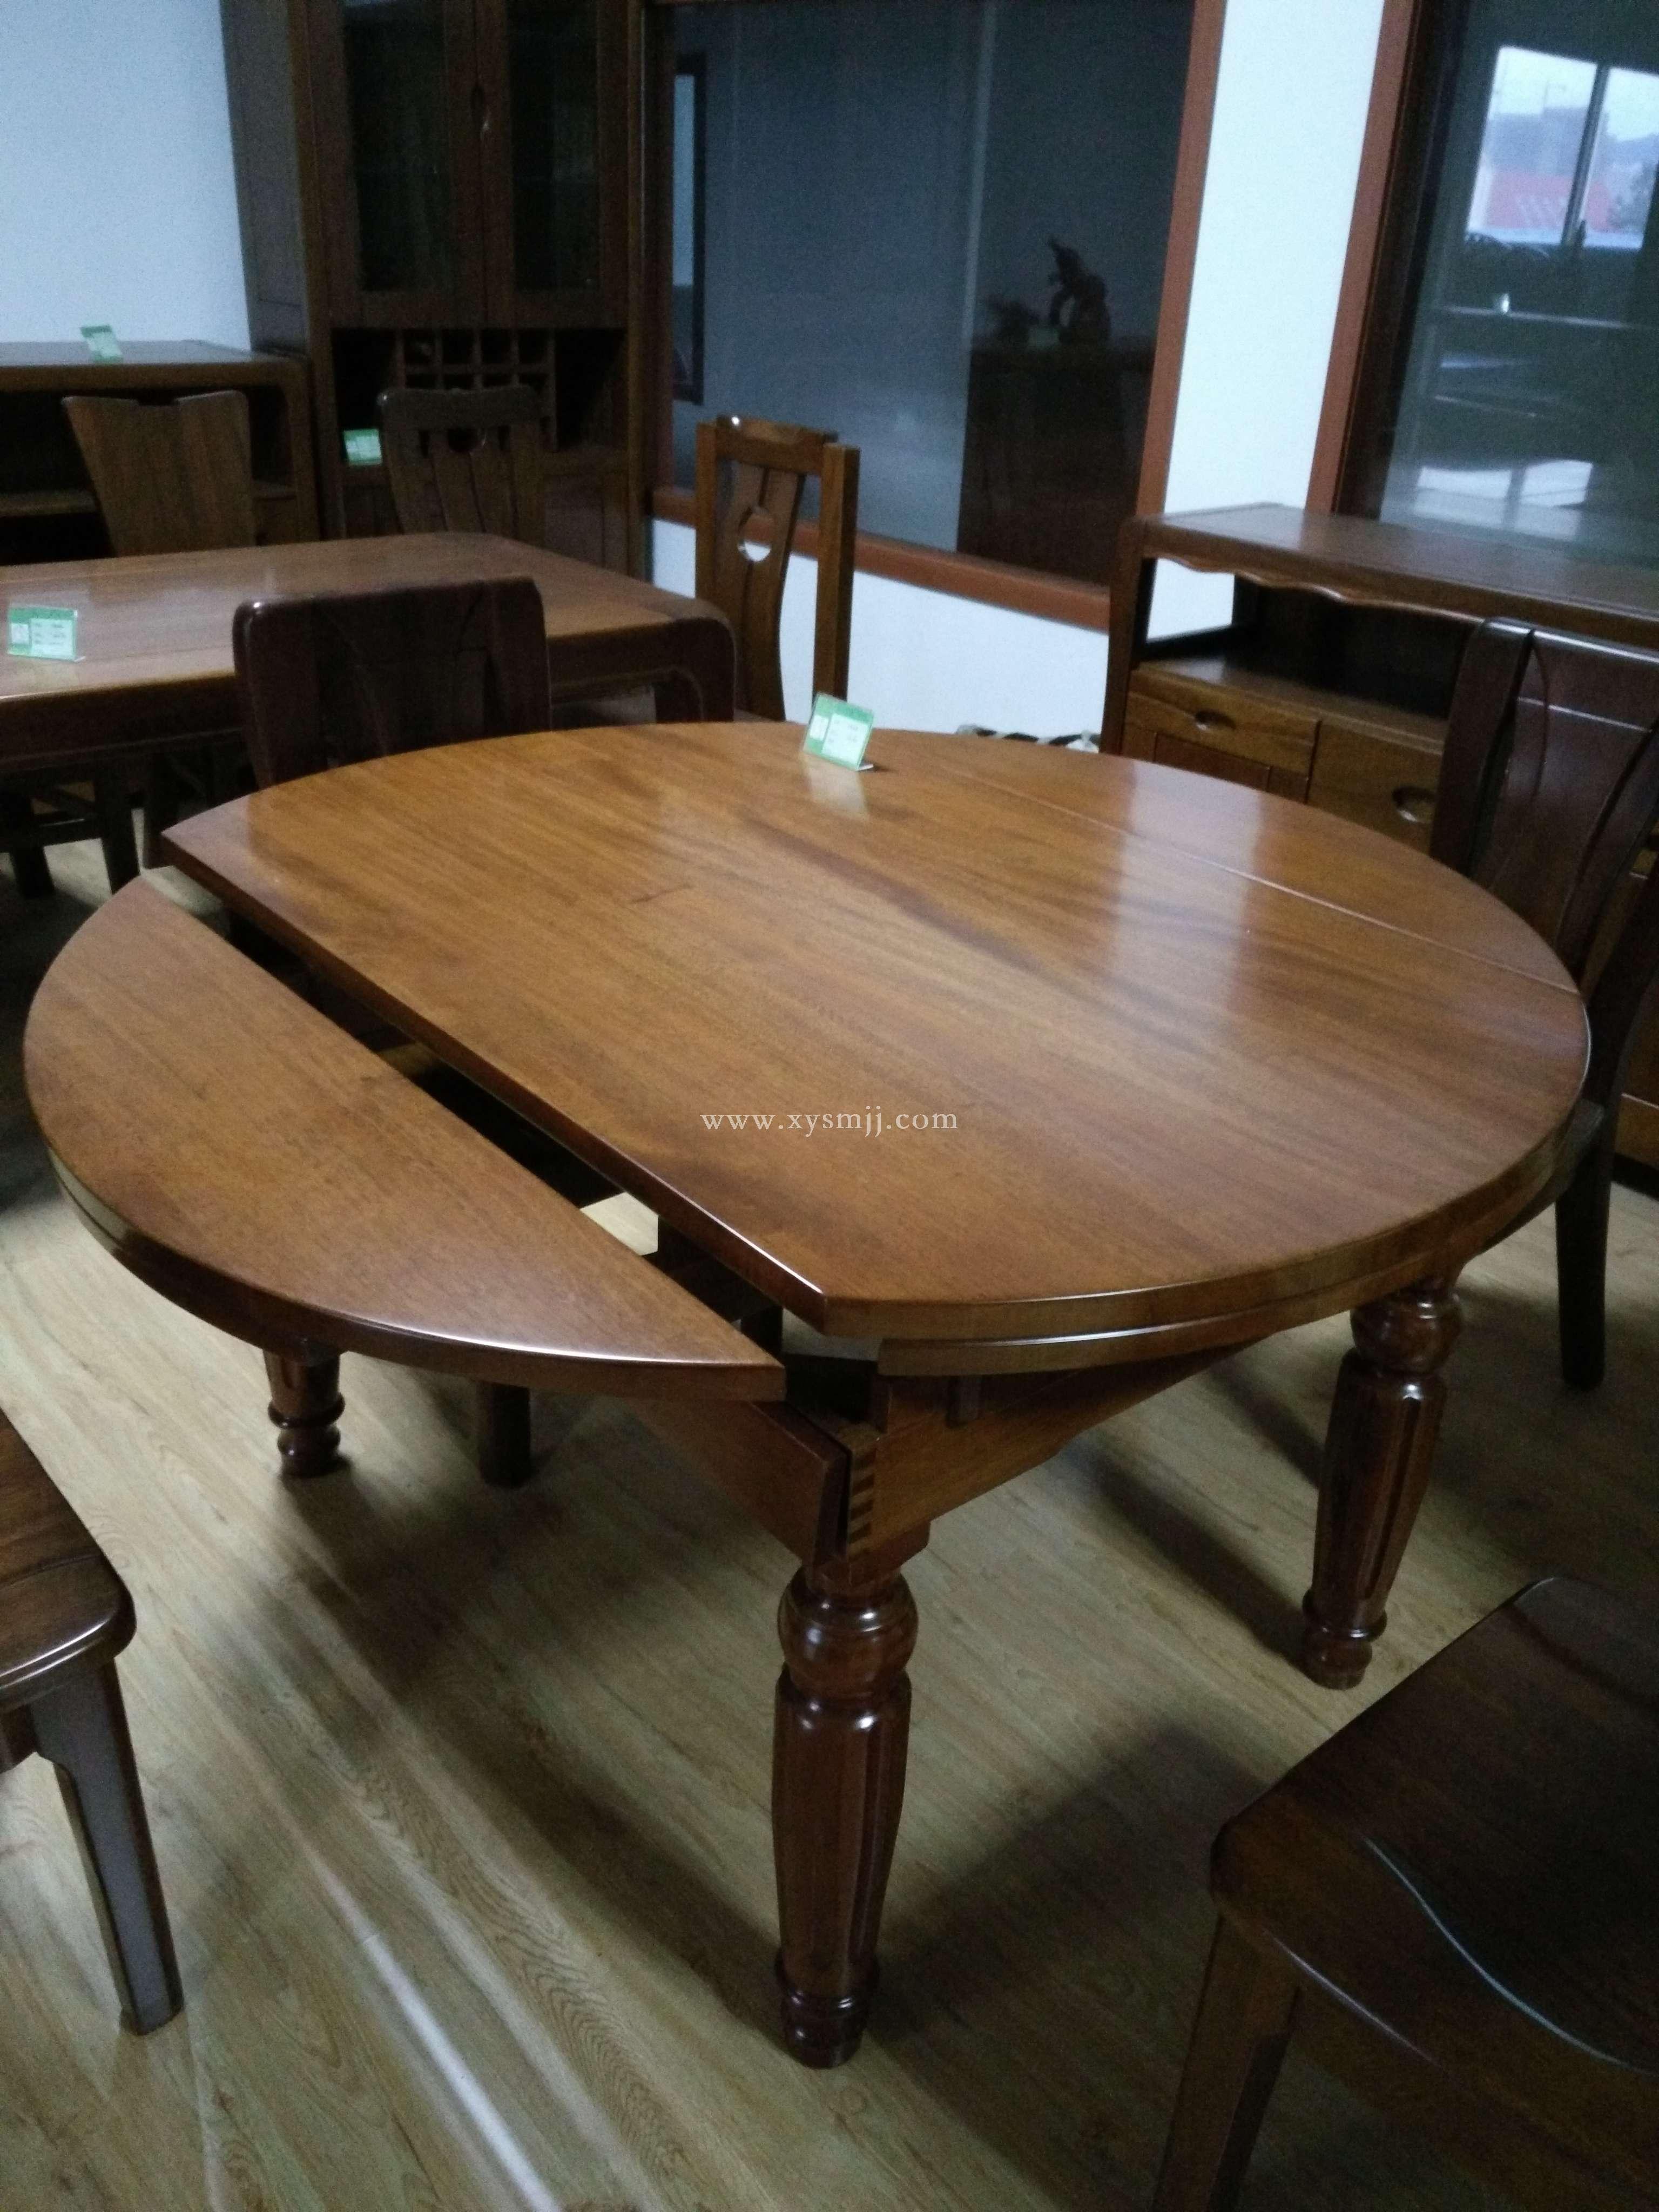 胡桃木跳台餐桌 - 青岛轩雅家具有限公司-实木家具